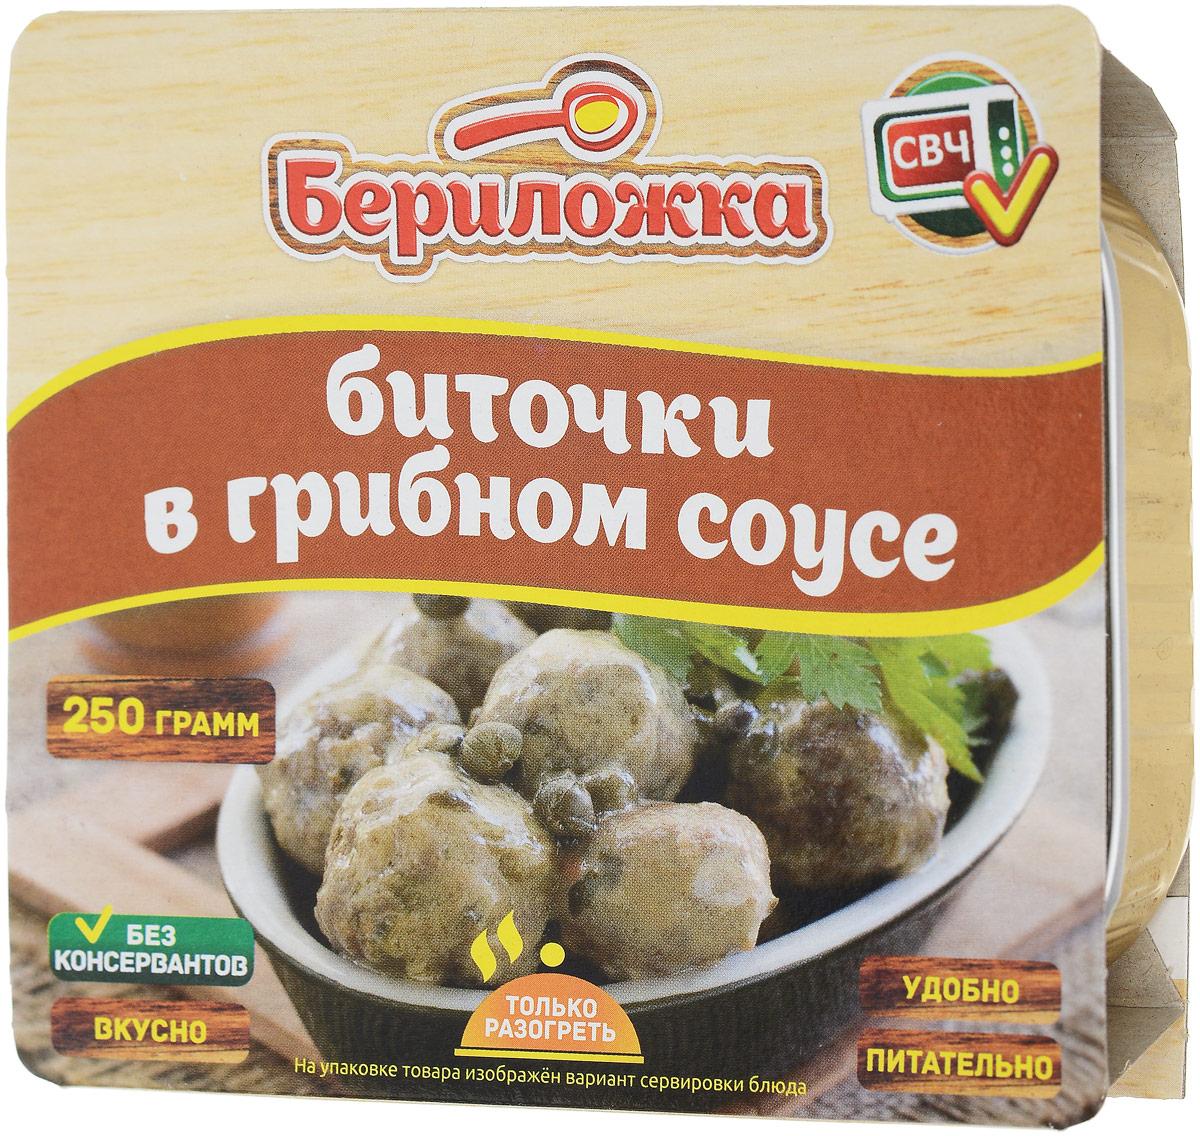 Бериложка биточки в грибном соусе, 250 г6118Биточки в грибном соусе Бериложка - натуральные мясорастительные консервы, стерилизованные.Перед употреблением рекомендуется разогреть. Продукт не содержит ГМО, консервантов.Уважаемые клиенты! Обращаем ваше внимание, что полный перечень состава продукта представлен на дополнительном изображении.